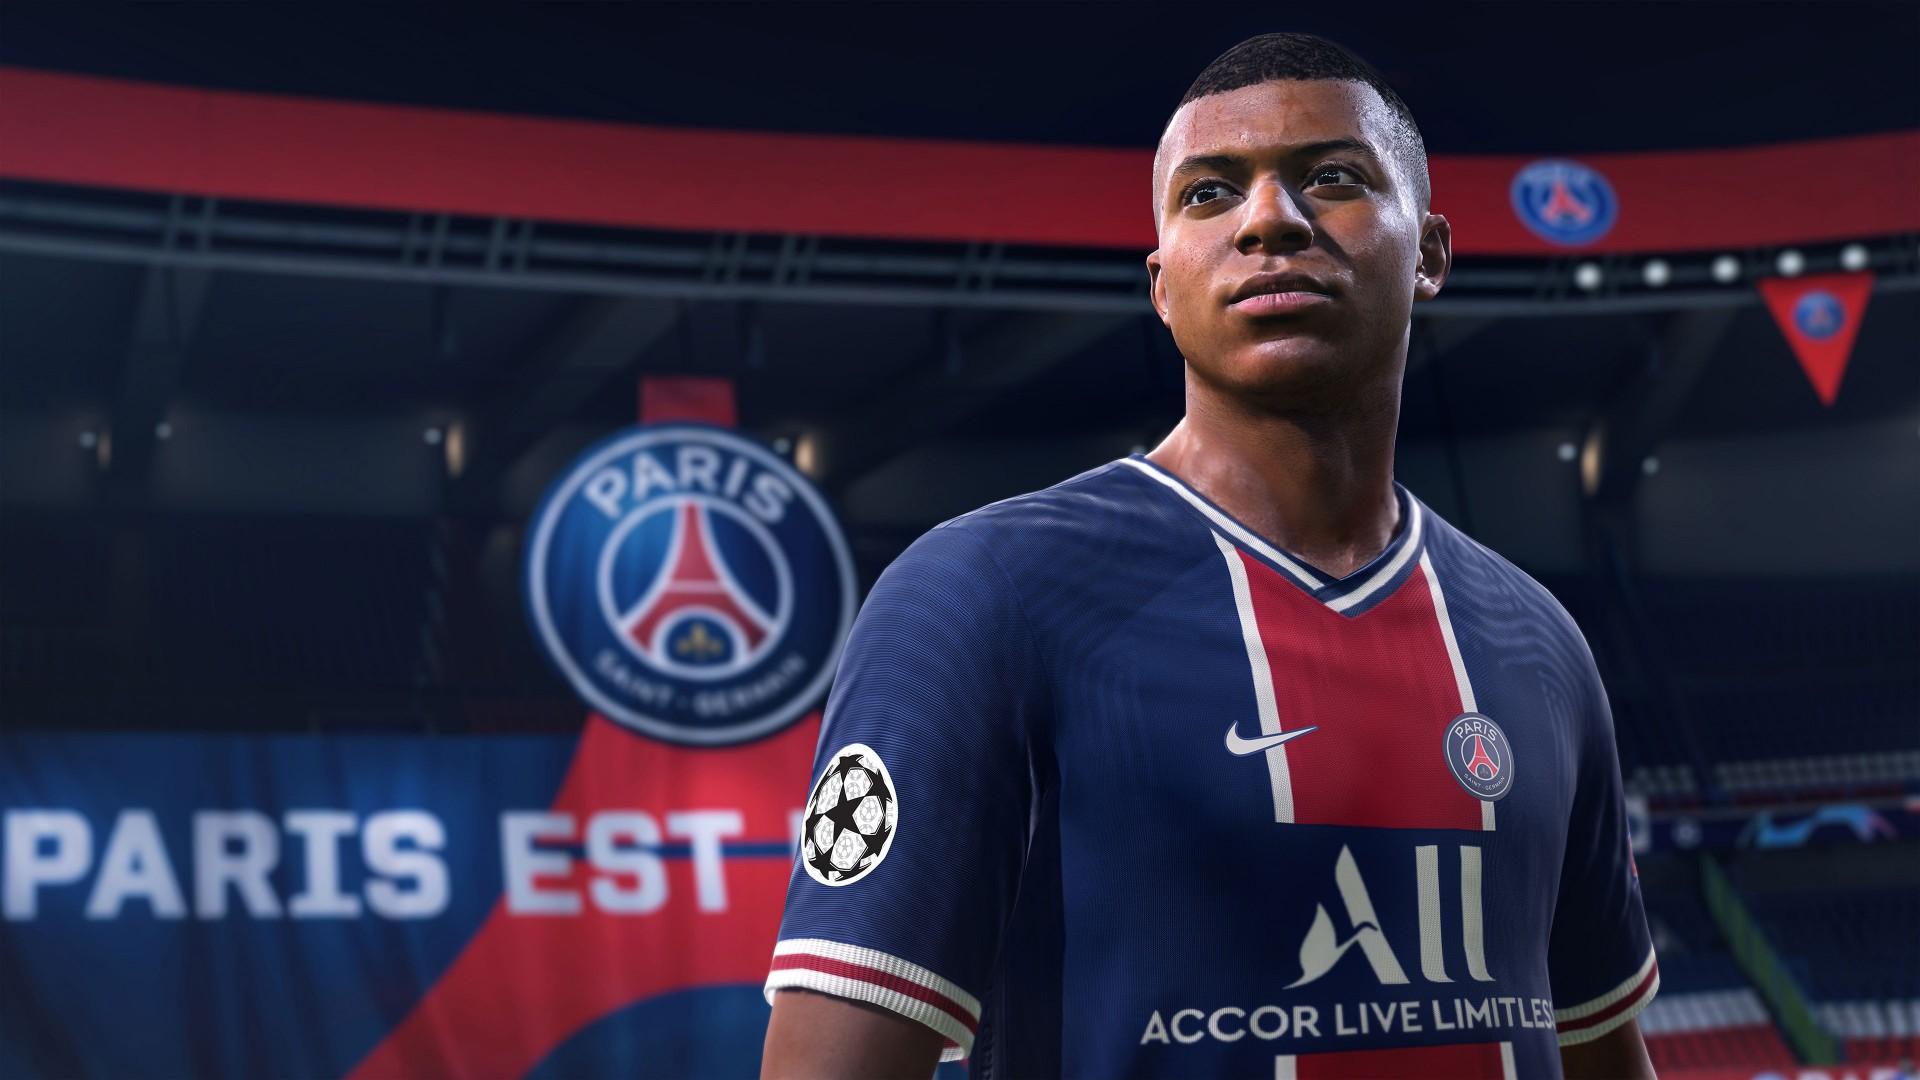 Исходный код FIFA 21 появился в открытом доступе